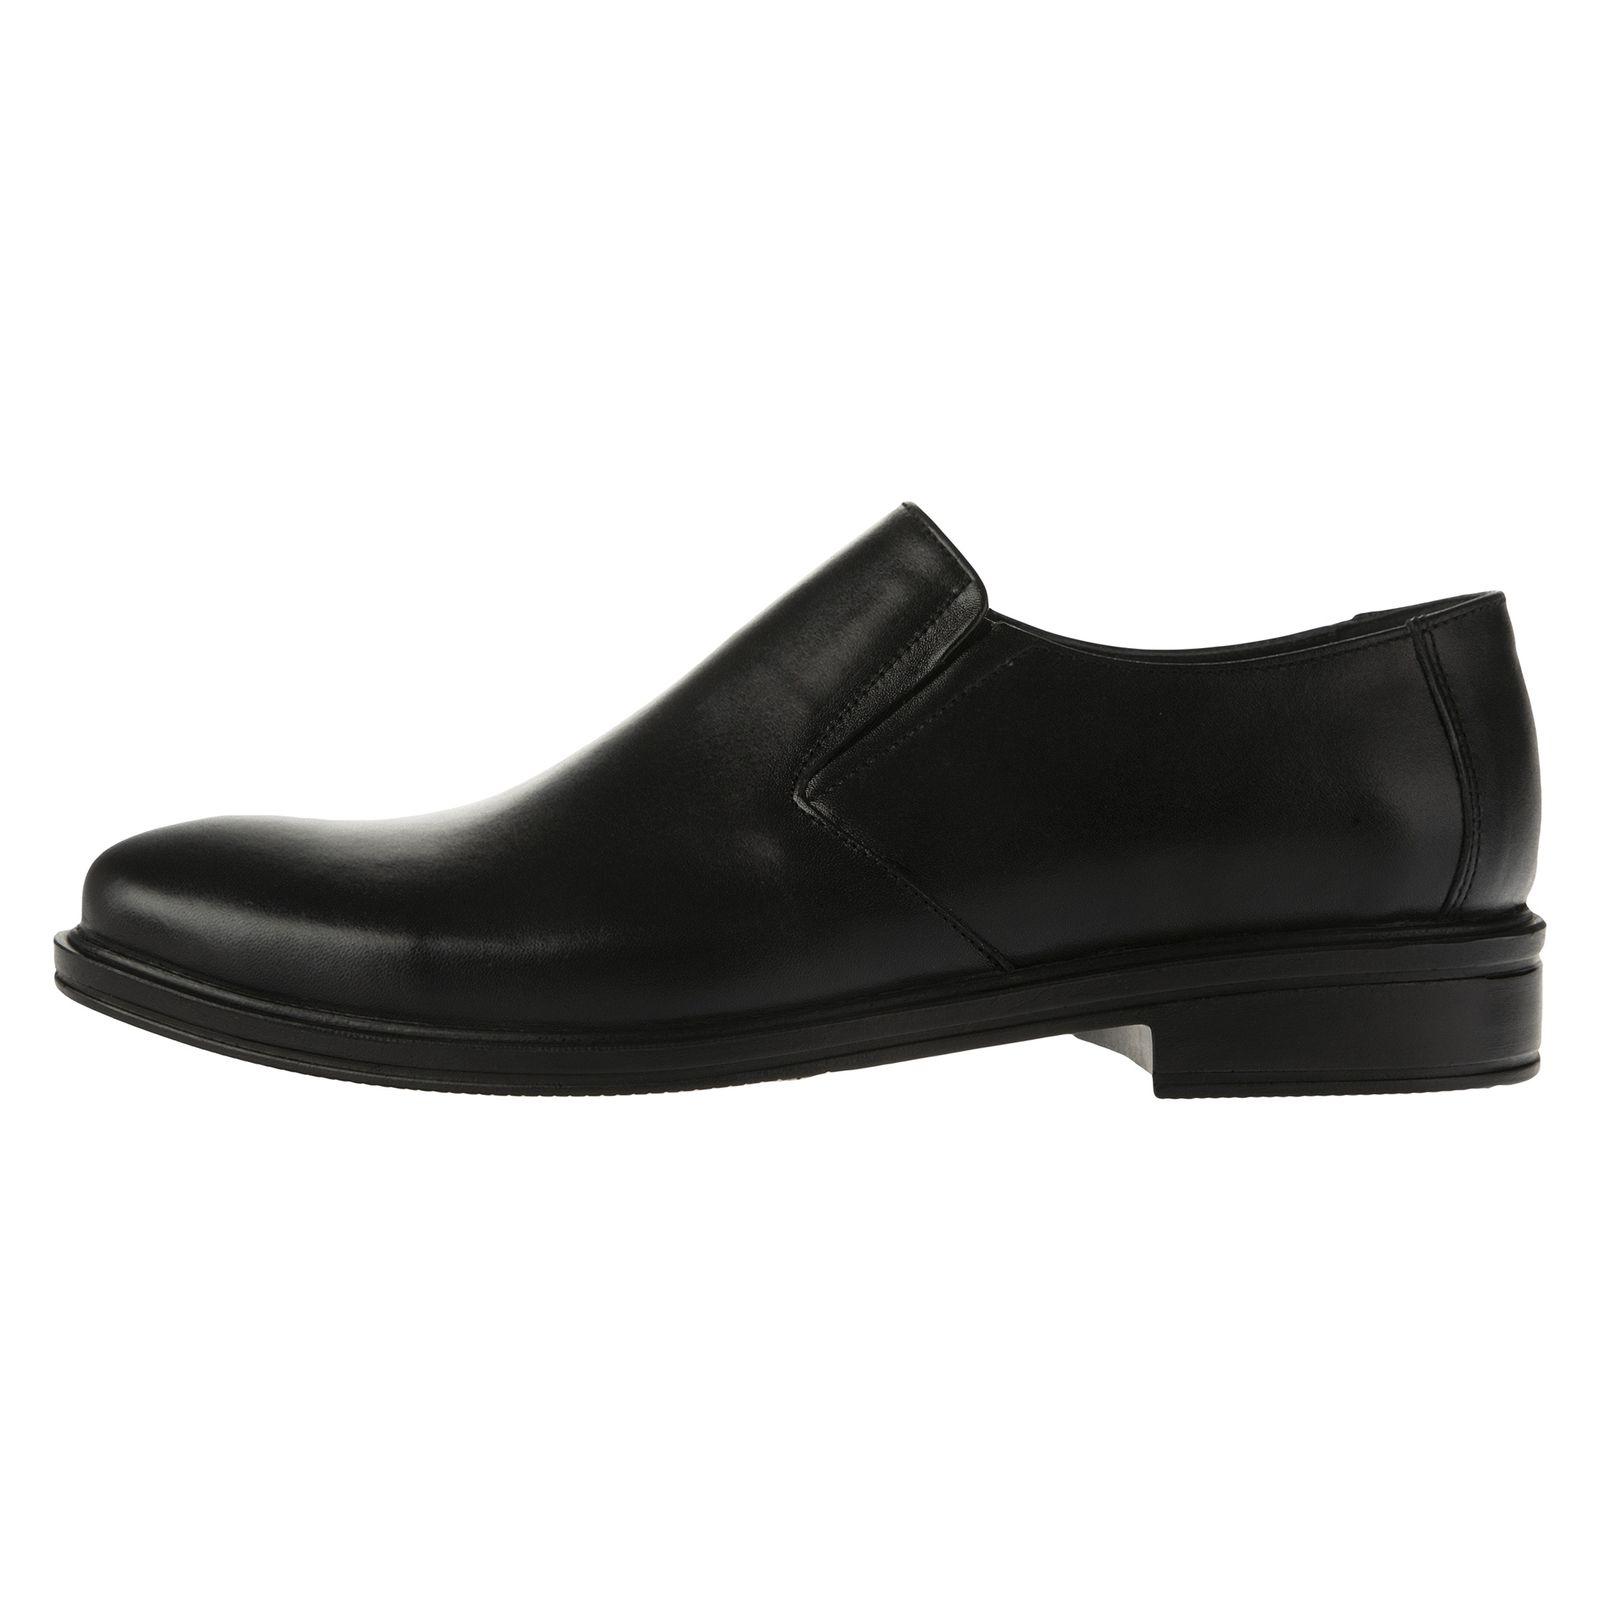 کفش مردانه شیفر مدل 7161B-101 -  - 2